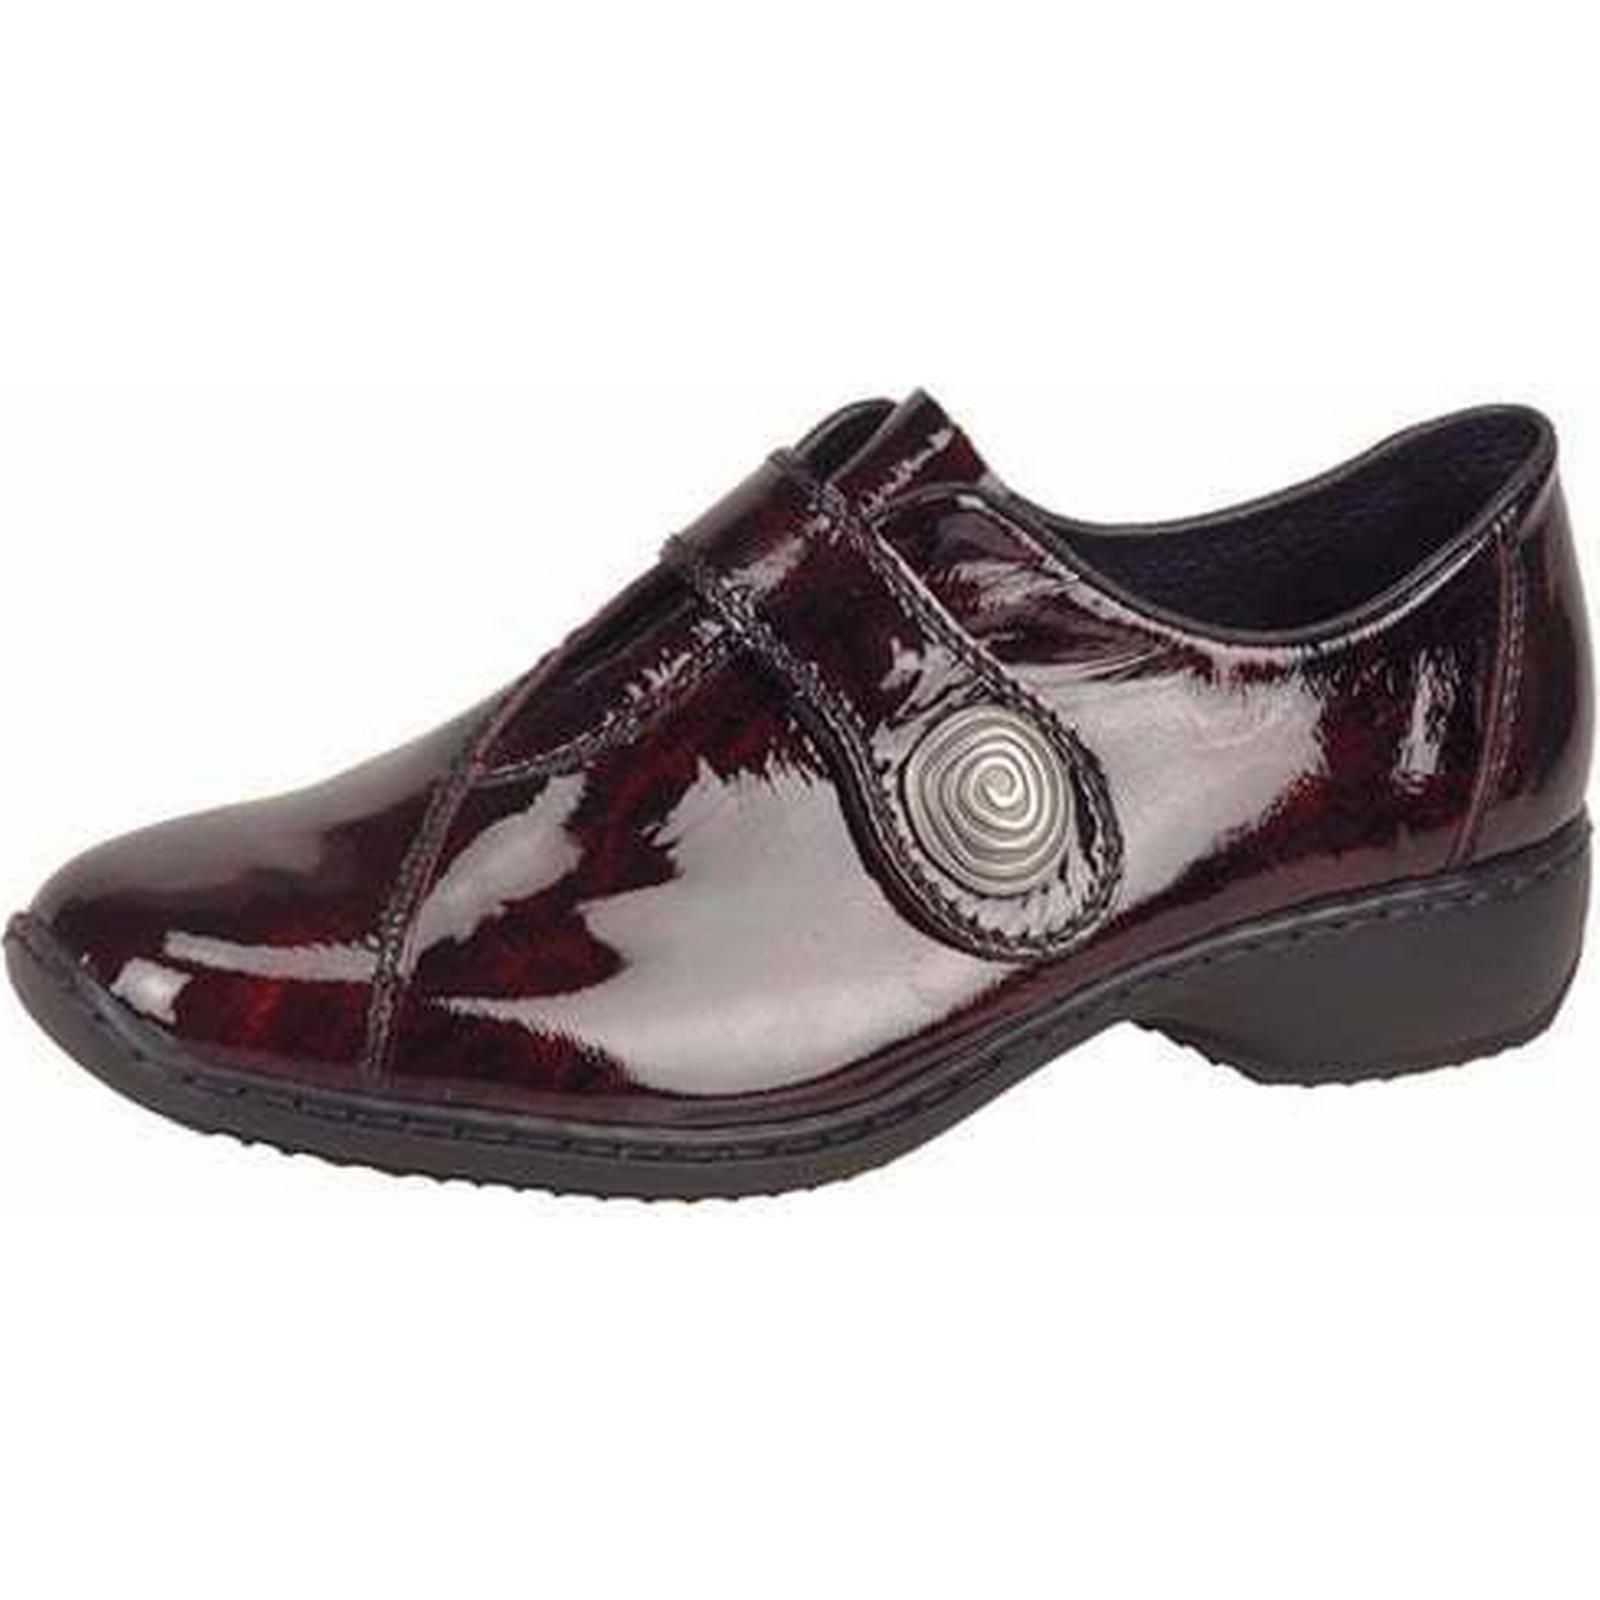 Noël, envoie la de la envoie joie la taille des chaussures de femmes rieker hupp 7d7374